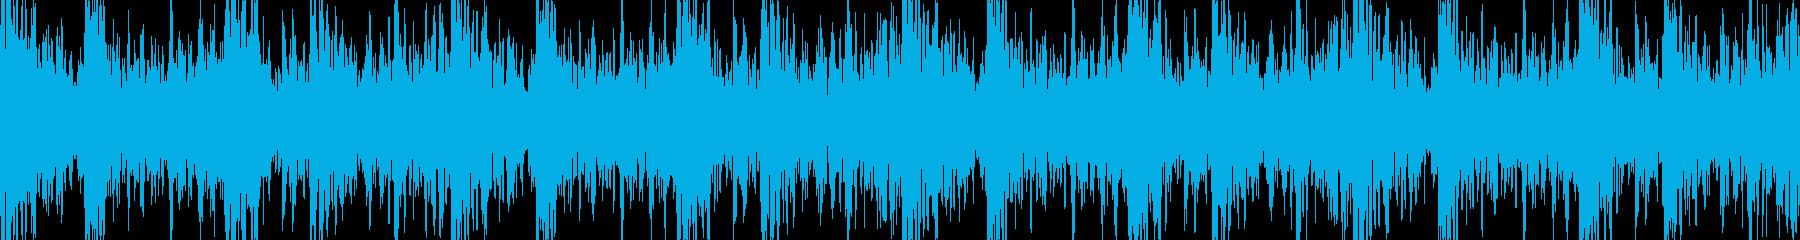 【ループ】和太鼓とドラムの激しい曲調の再生済みの波形